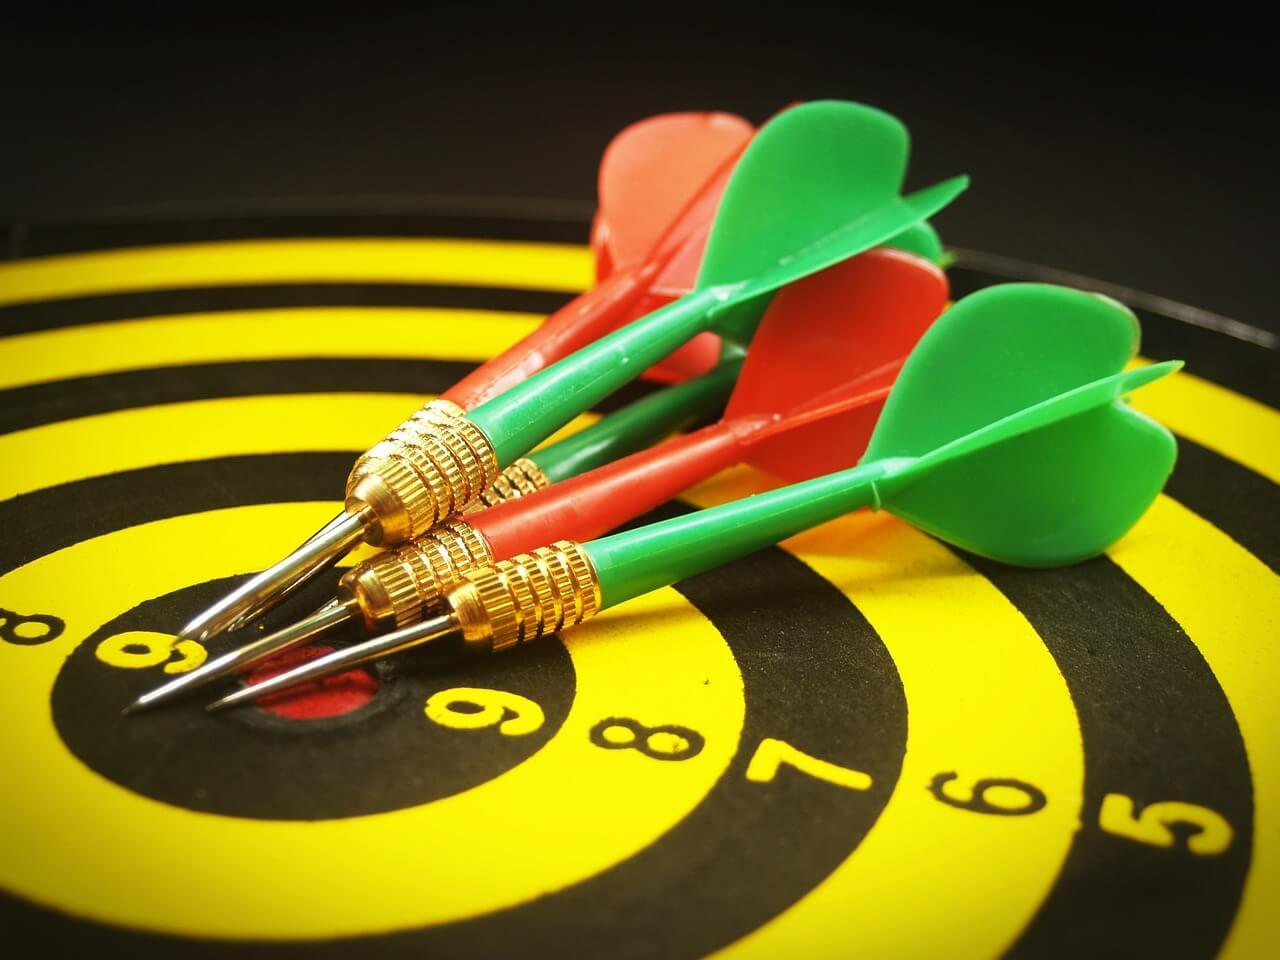 Wie Dartpfeile: Tipps, Ziele zu erreichen